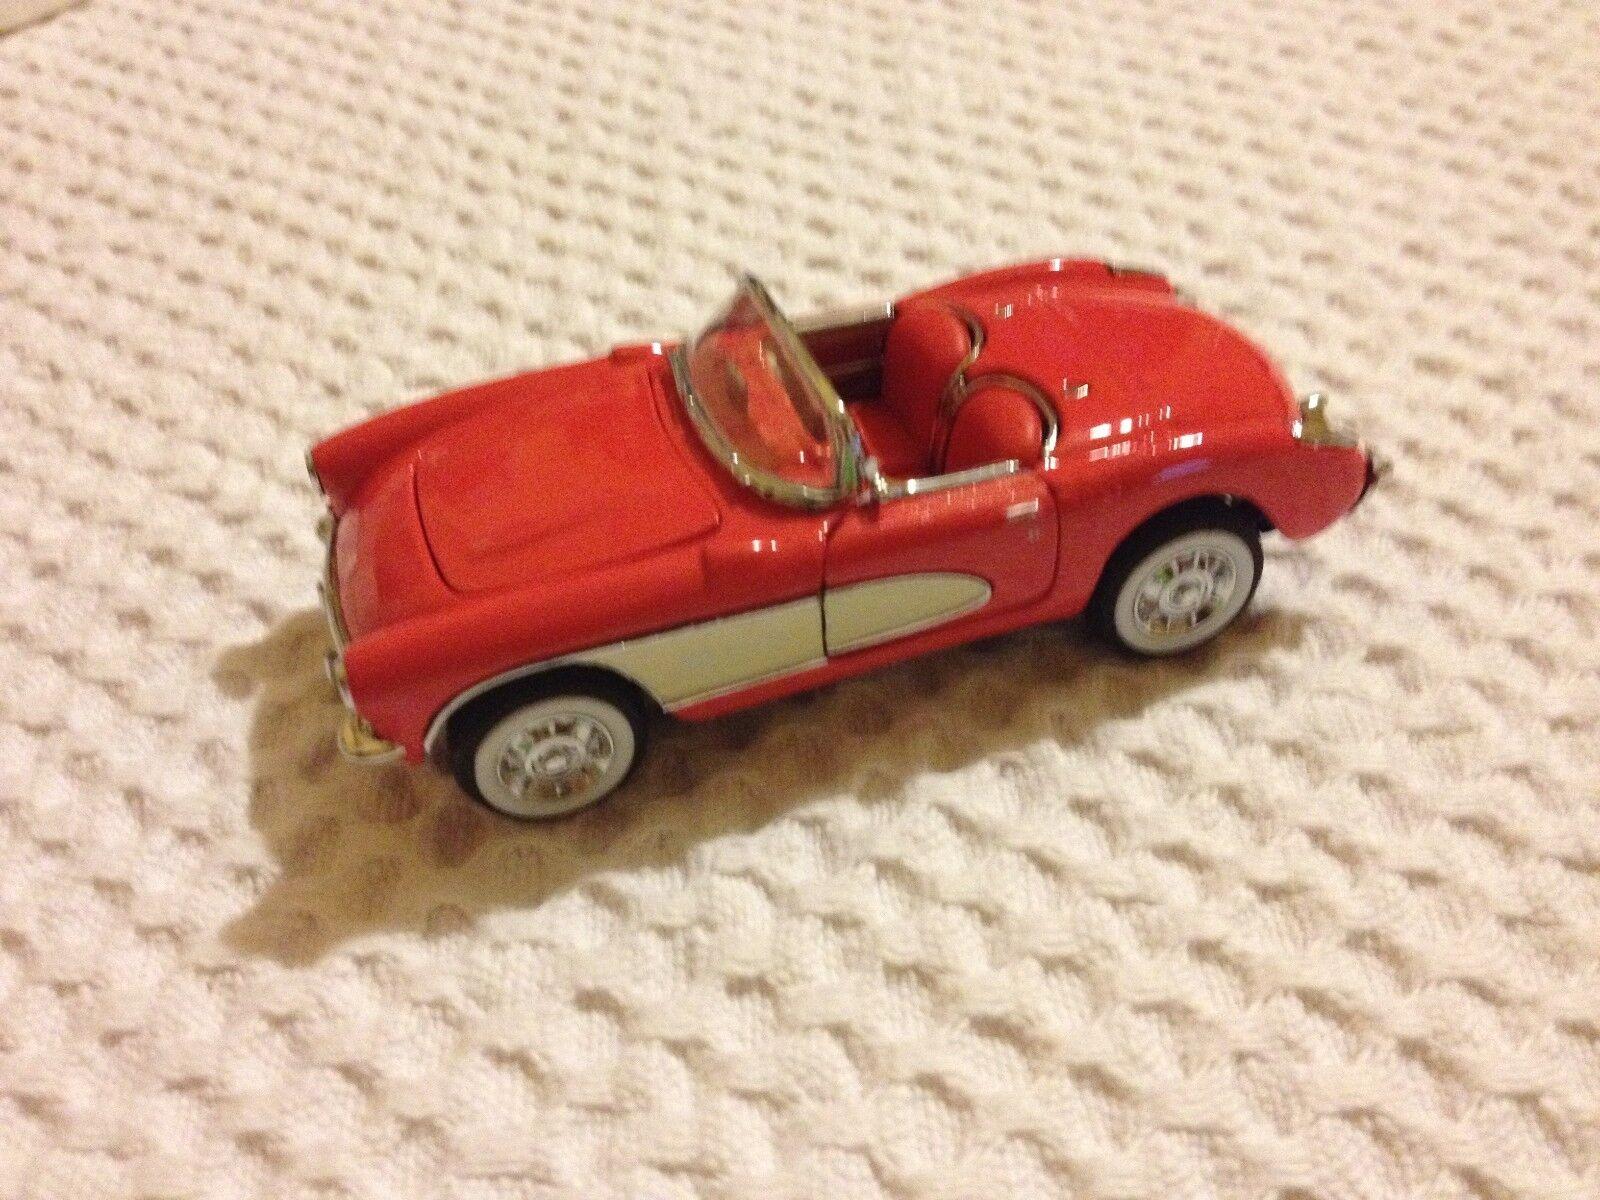 Franklin Comme neuf - 1957 Corvette-Les voitures classiques des années cinquante | Vente